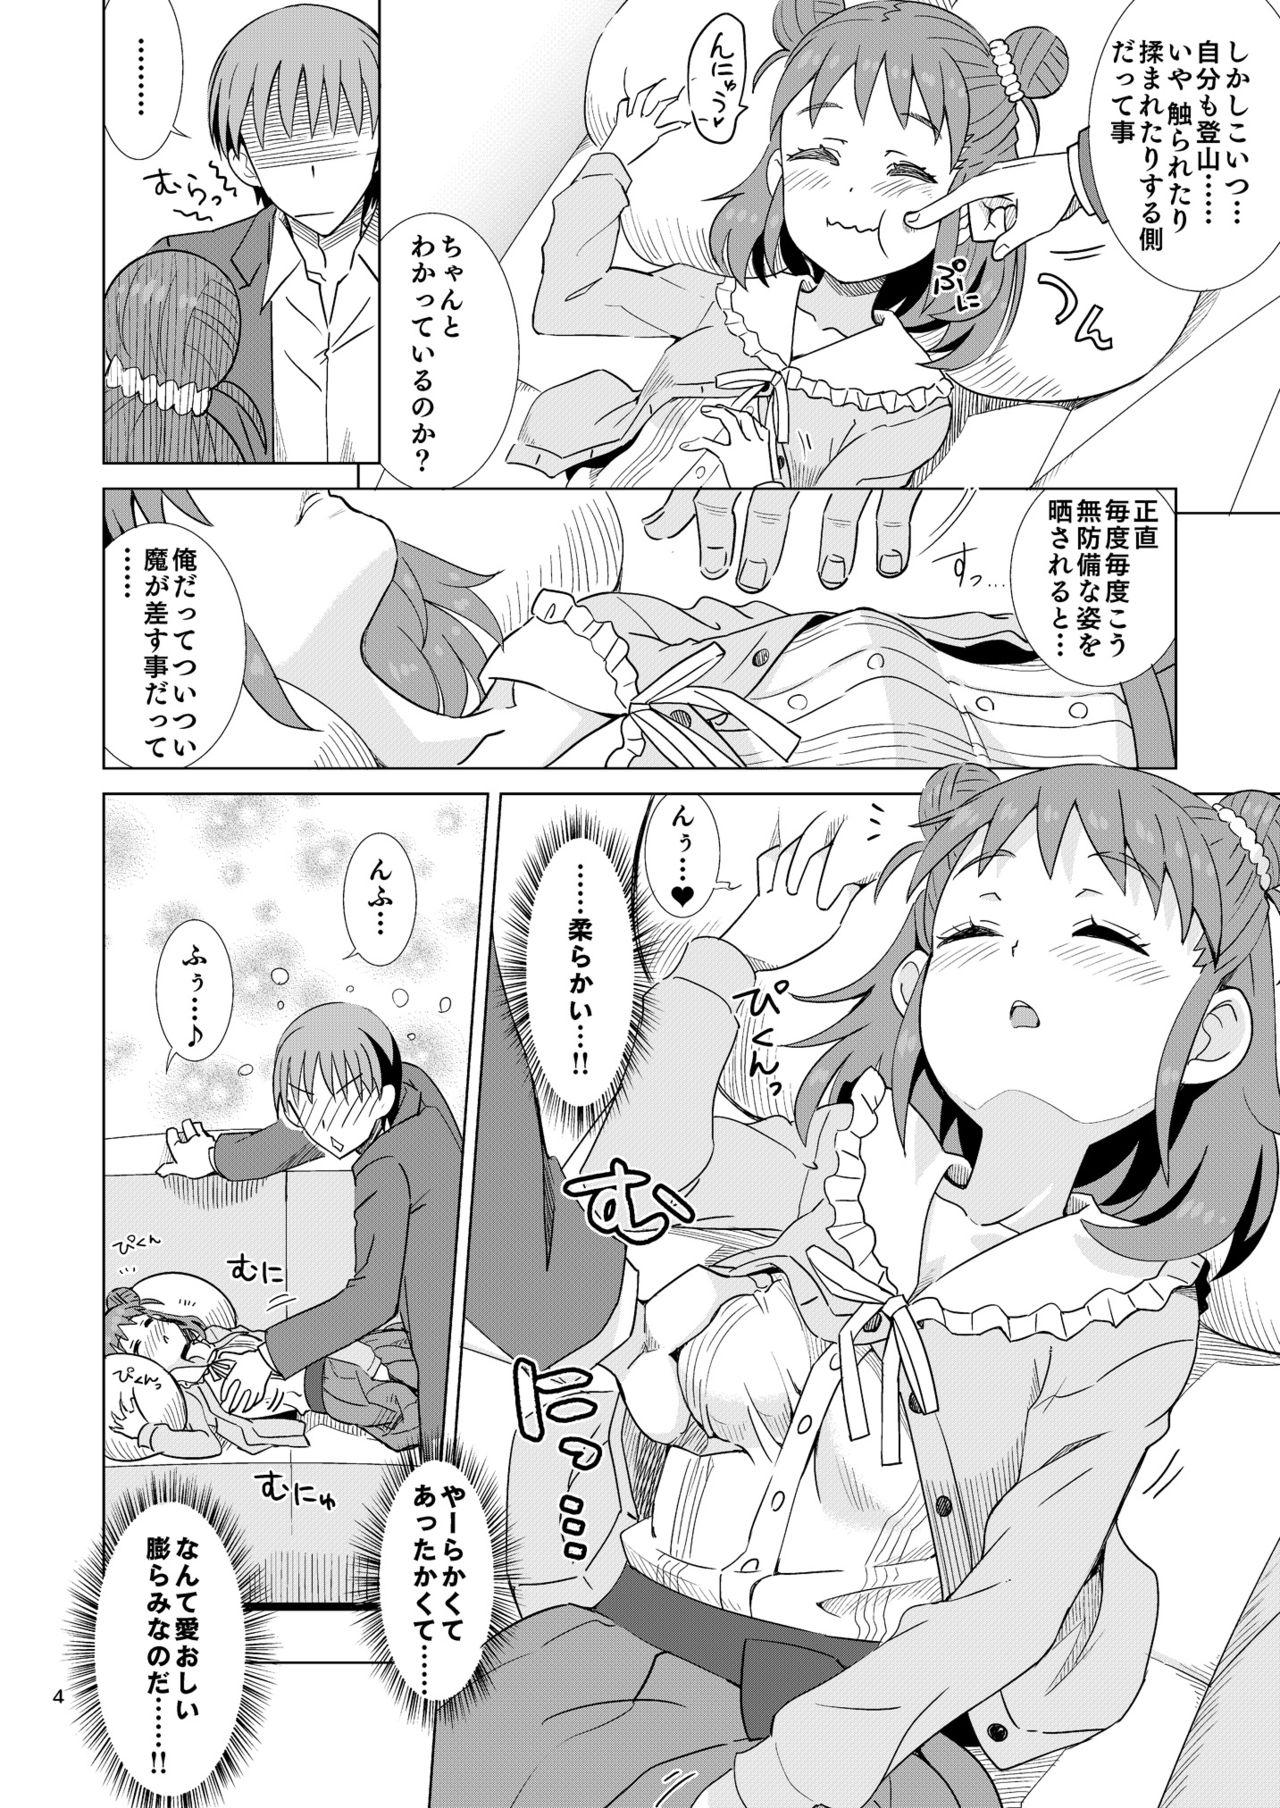 Munakata-san wa Ai saretai. 3